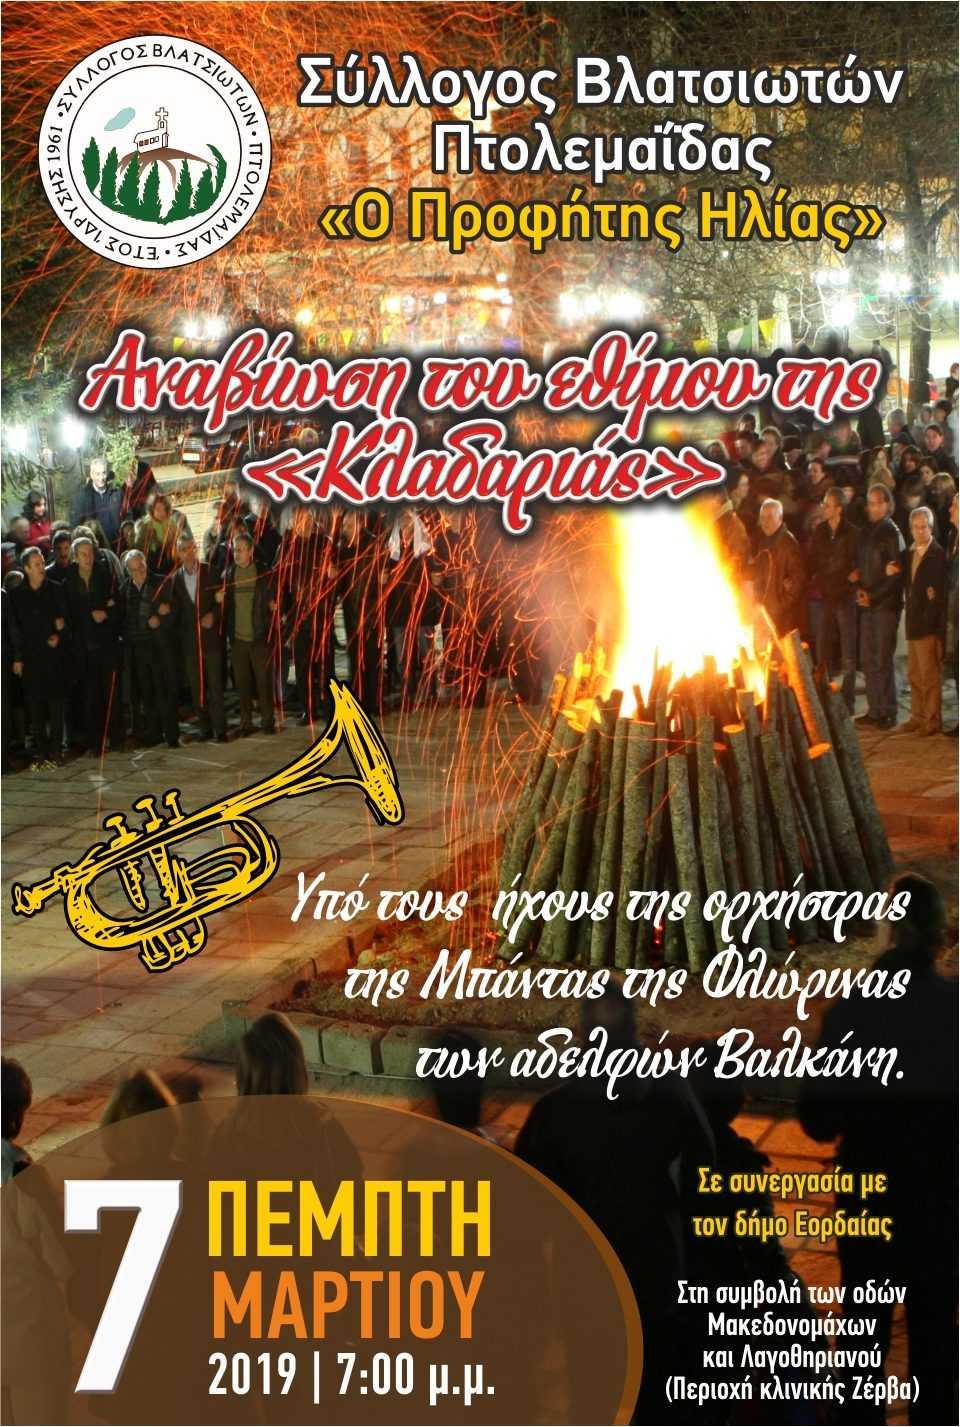 Ο Σύλλογος Βλατσιωτών Πτολεμαΐδας αναβιώνει το έθιμο της «Κλαδαριάς» 2